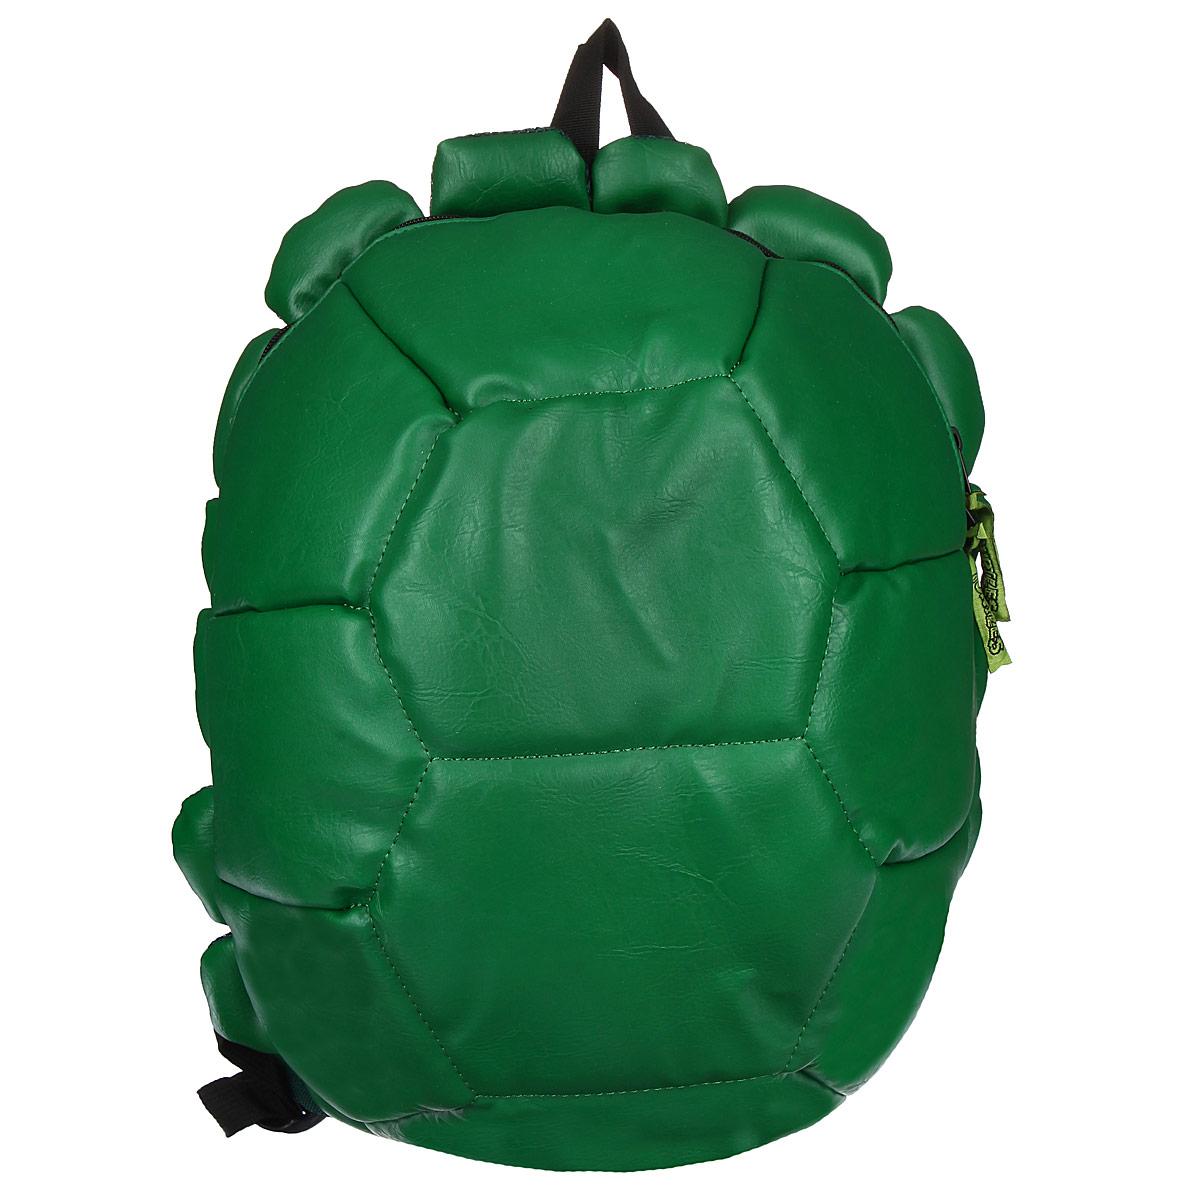 Рюкзак детский Teenage Mutant Ninja Turtles Черепашки Ниндзя, цвет: зеленыйLSCB-UT1-883Рюкзак детский Teenage Mutant Ninja Turtles Черепашки Ниндзя непременно привлечет внимание вашего ребенка. Выполнен рюкзак из прочных материалов, зеленого цвета в виде панциря черепашки. В комплекте к рюкзаку прилагаются 4 повязки для глаз, чтобы быть похожими на героев мультфильма.Содержит одно вместительное отделение, закрывающееся на застежку-молнию с двумя бегунками. Внутри отделения находятся: три открытых кармана, три отделения для пишущих принадлежностей и кармашек на липучке для мобильного телефона.Конструкция спинки дополнена противоскользящей сеточкой и системой вентиляции для предотвращения запотевания спины ребенка. Широкие лямки позволяют легко и быстро отрегулировать рюкзак в соответствии с ростом. Рюкзак оснащен текстильной ручкой для переноски в руке. Ребенку обязательно понравится этот стильный аксессуар, который станет для него постоянным спутником.Рекомендуемый возраст: от 8 лет.